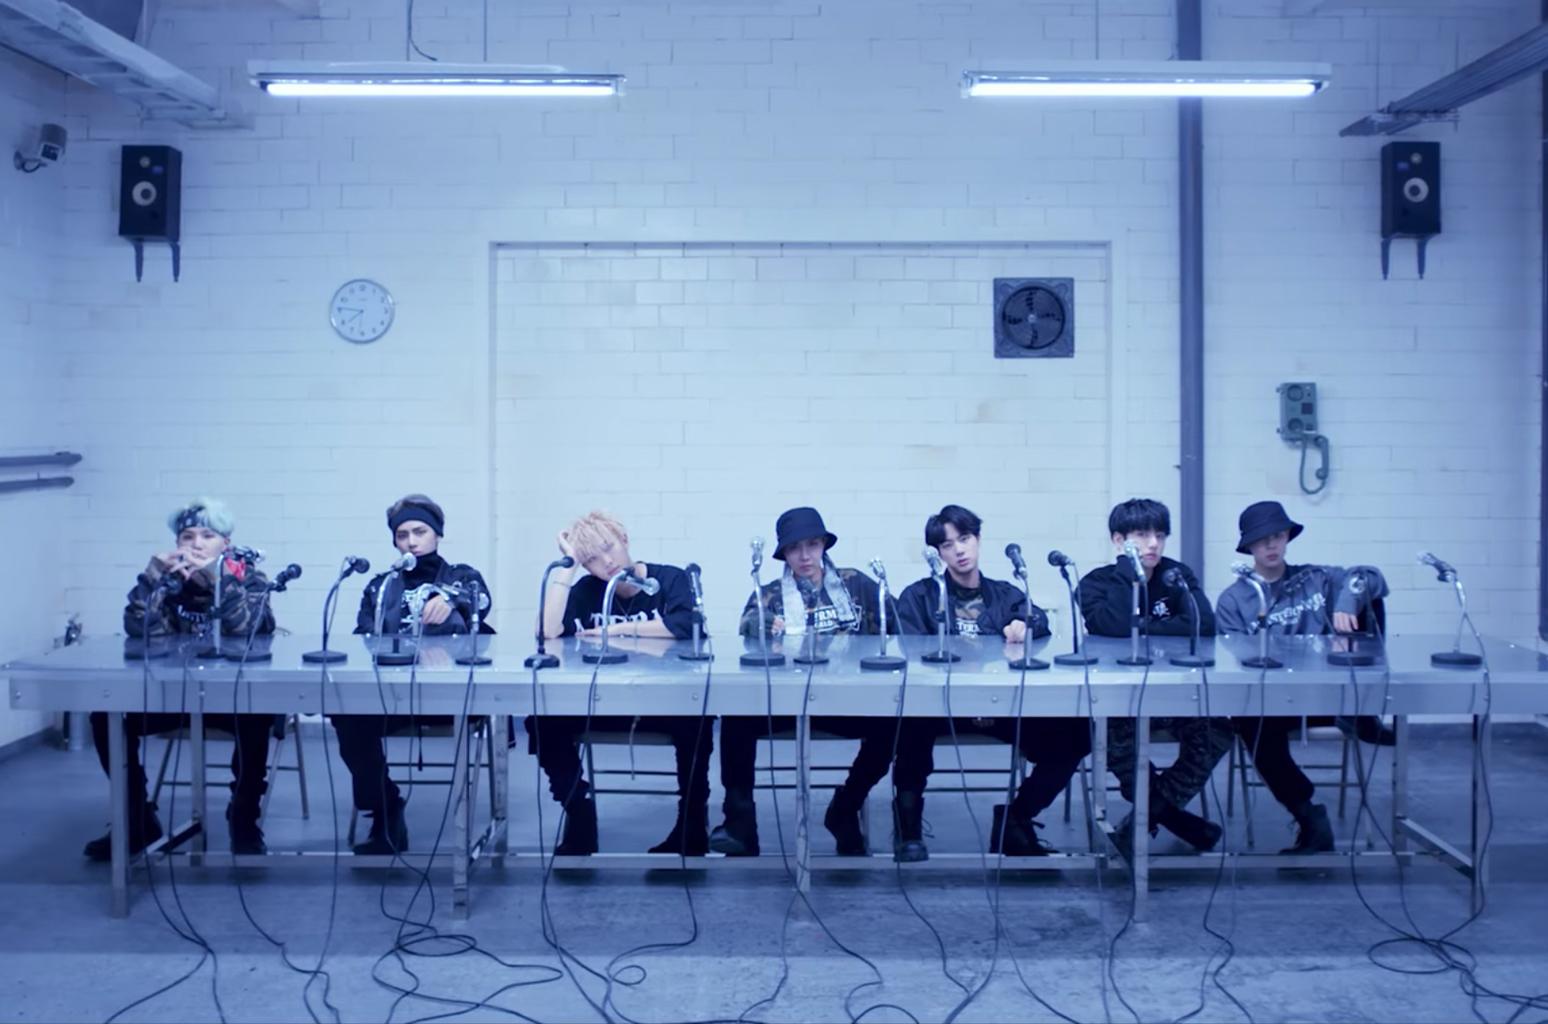 BTS 'Mic Drop' Remix Certified Gold by RIAA | Billboard